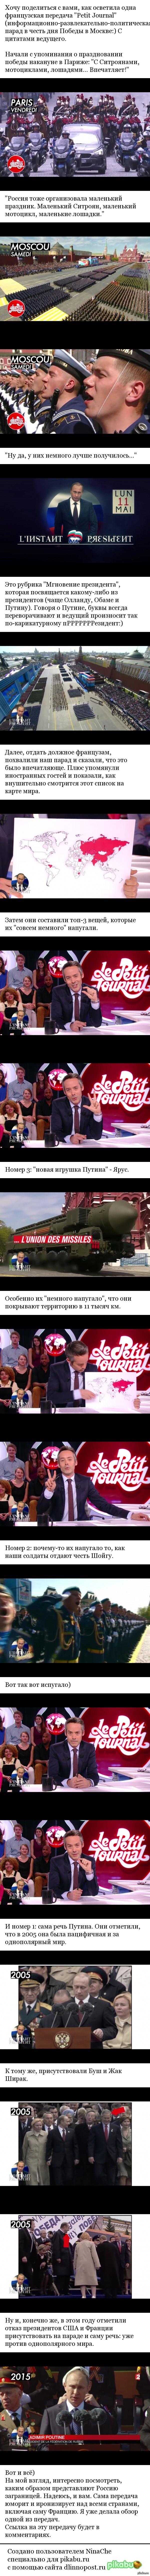 Как Франция парад Победы в Москве осветила